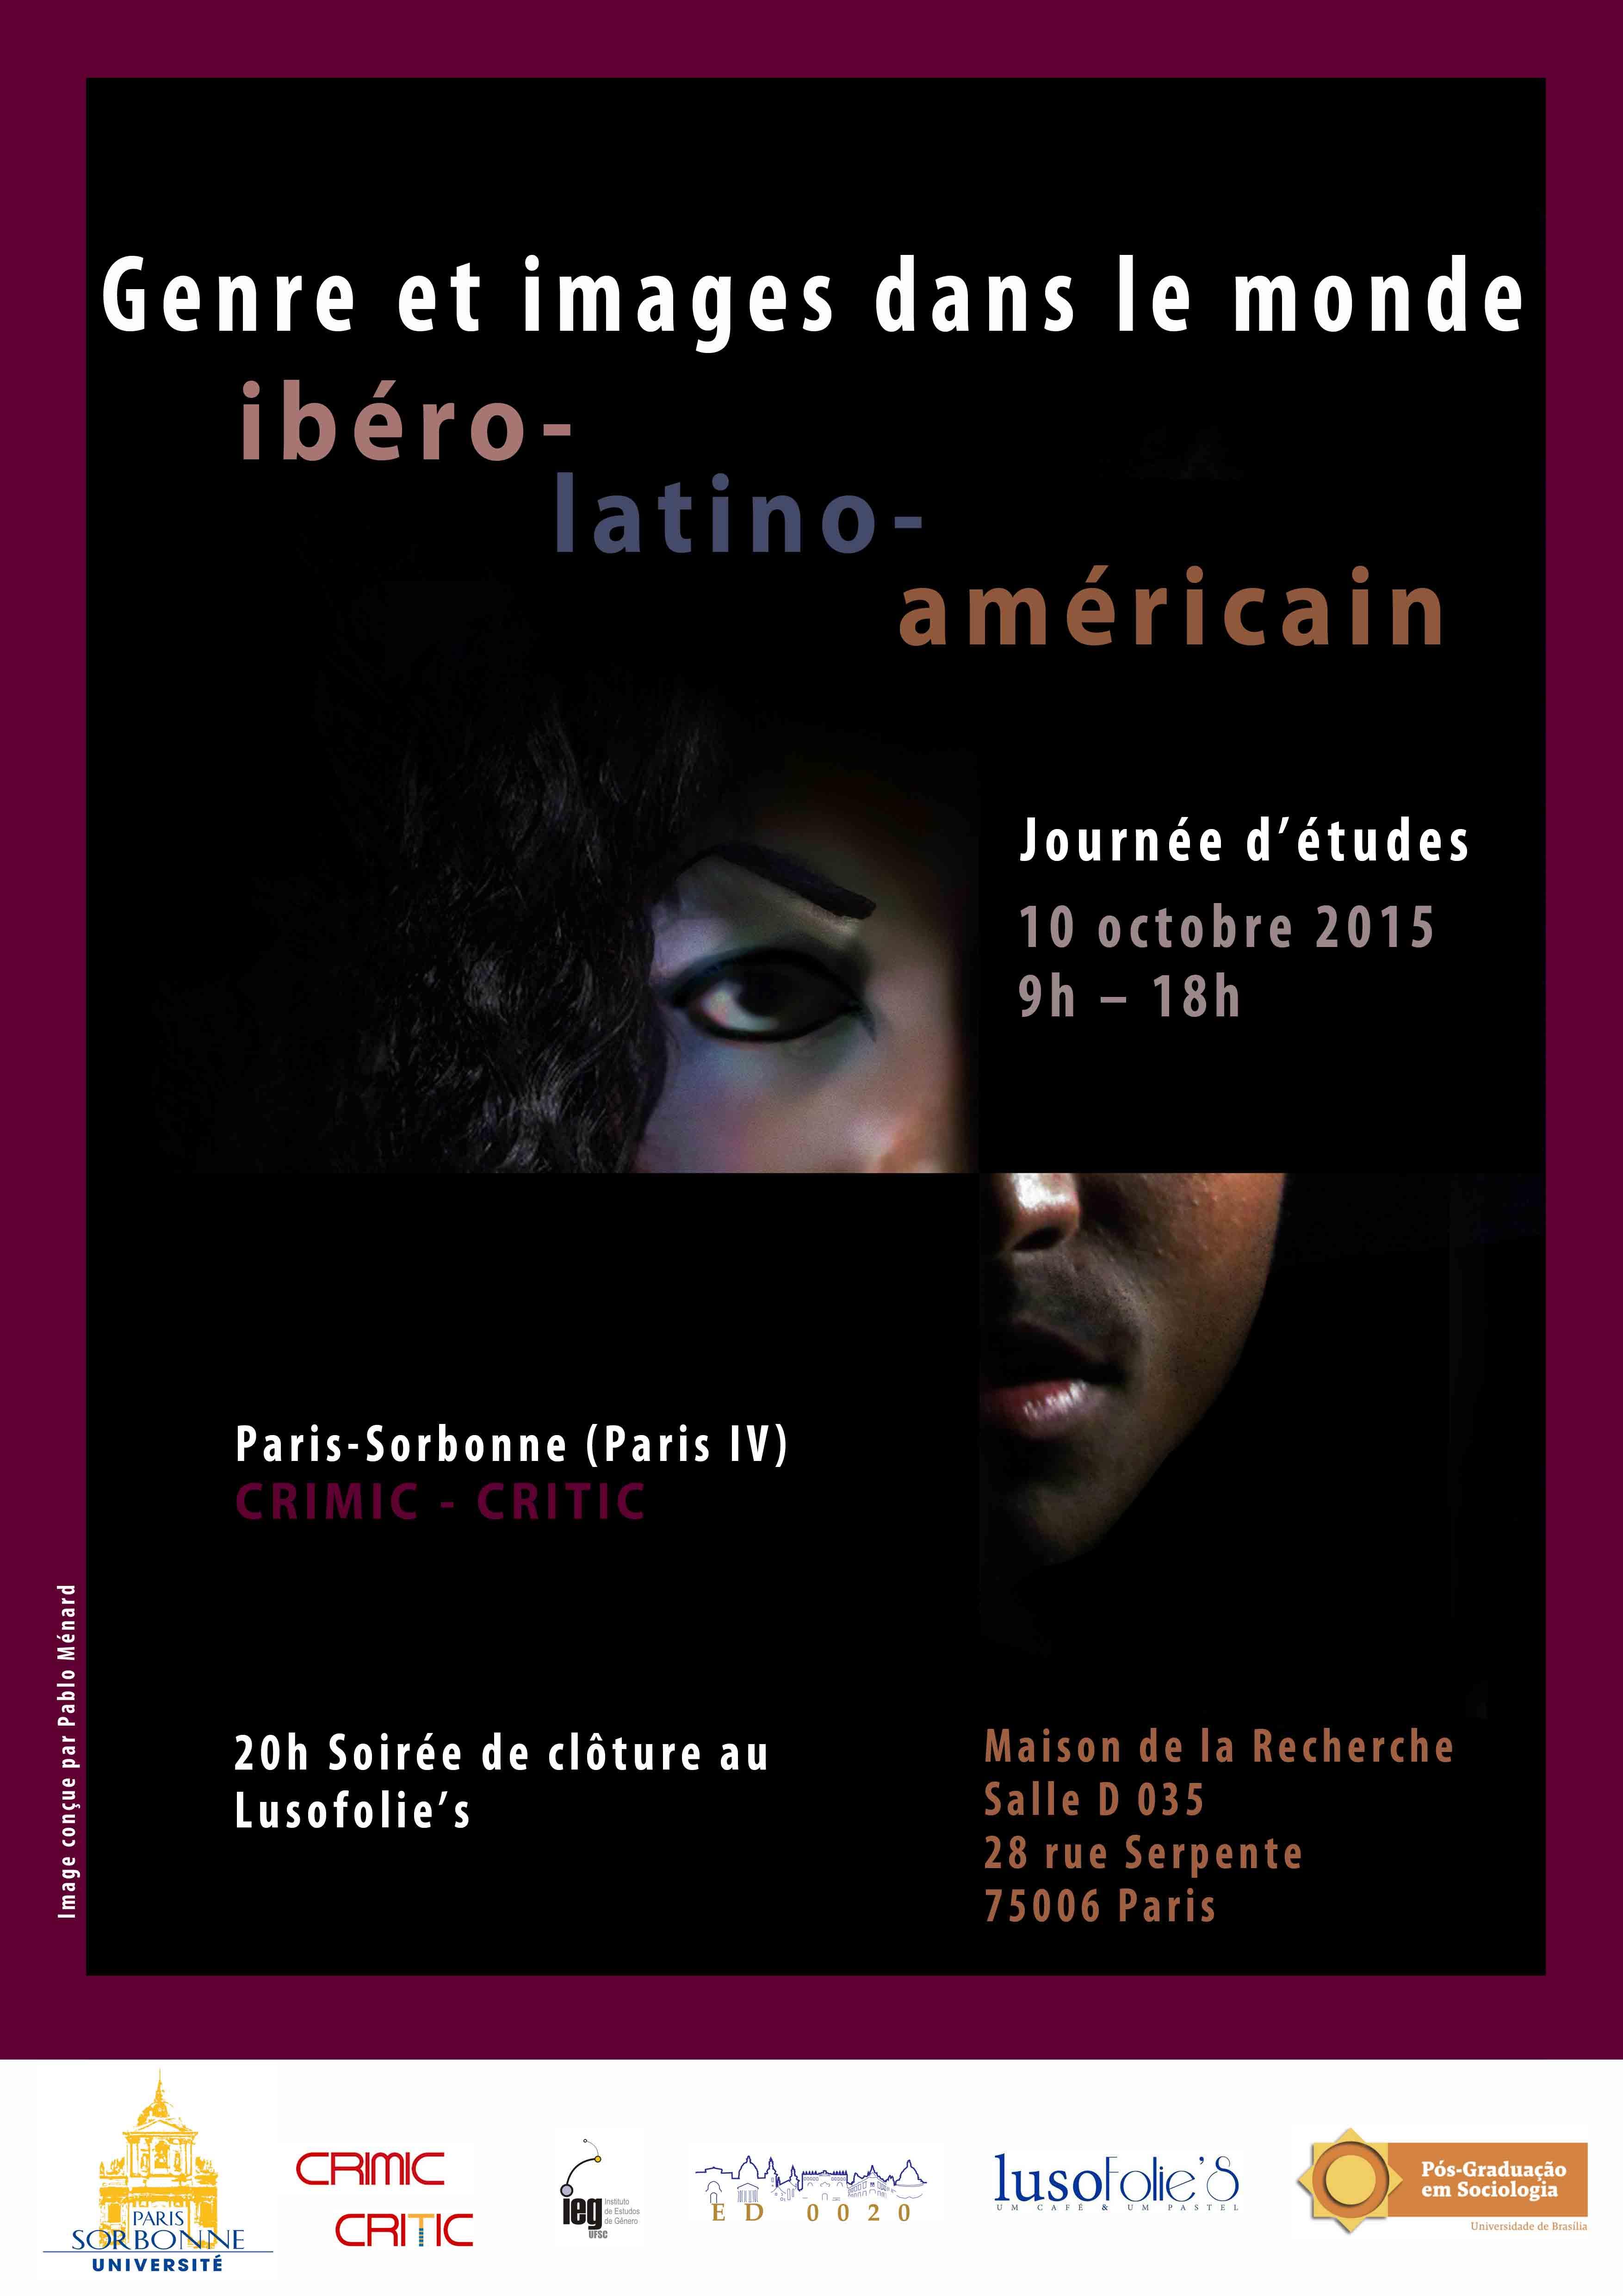 Genre et images dans le monde ibéro-latino-américain